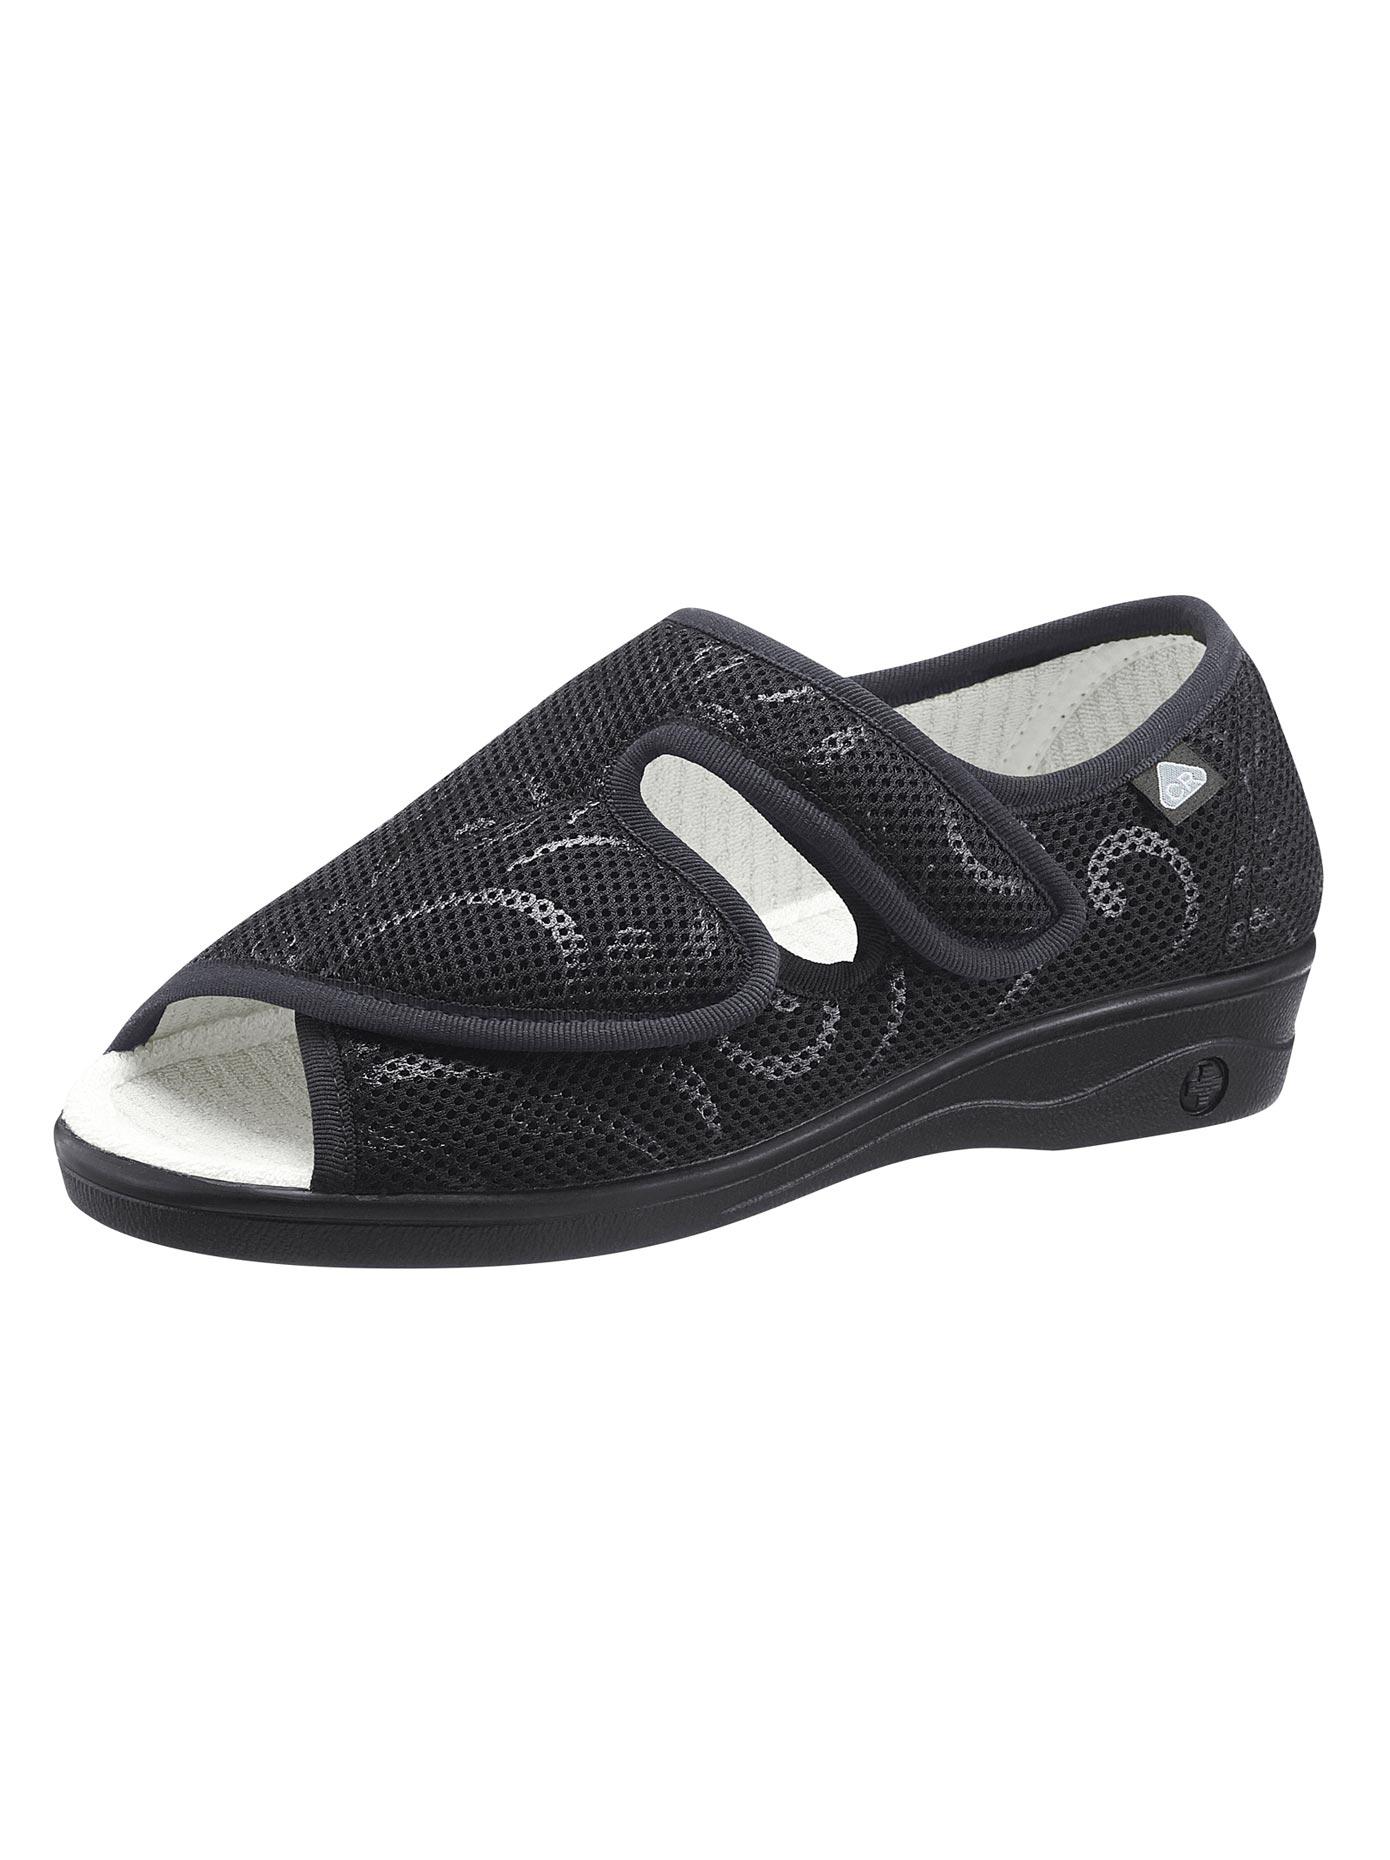 Classic Hausschuh bedruckt   Schuhe > Hausschuhe   Schwarz   Gummi   Classic